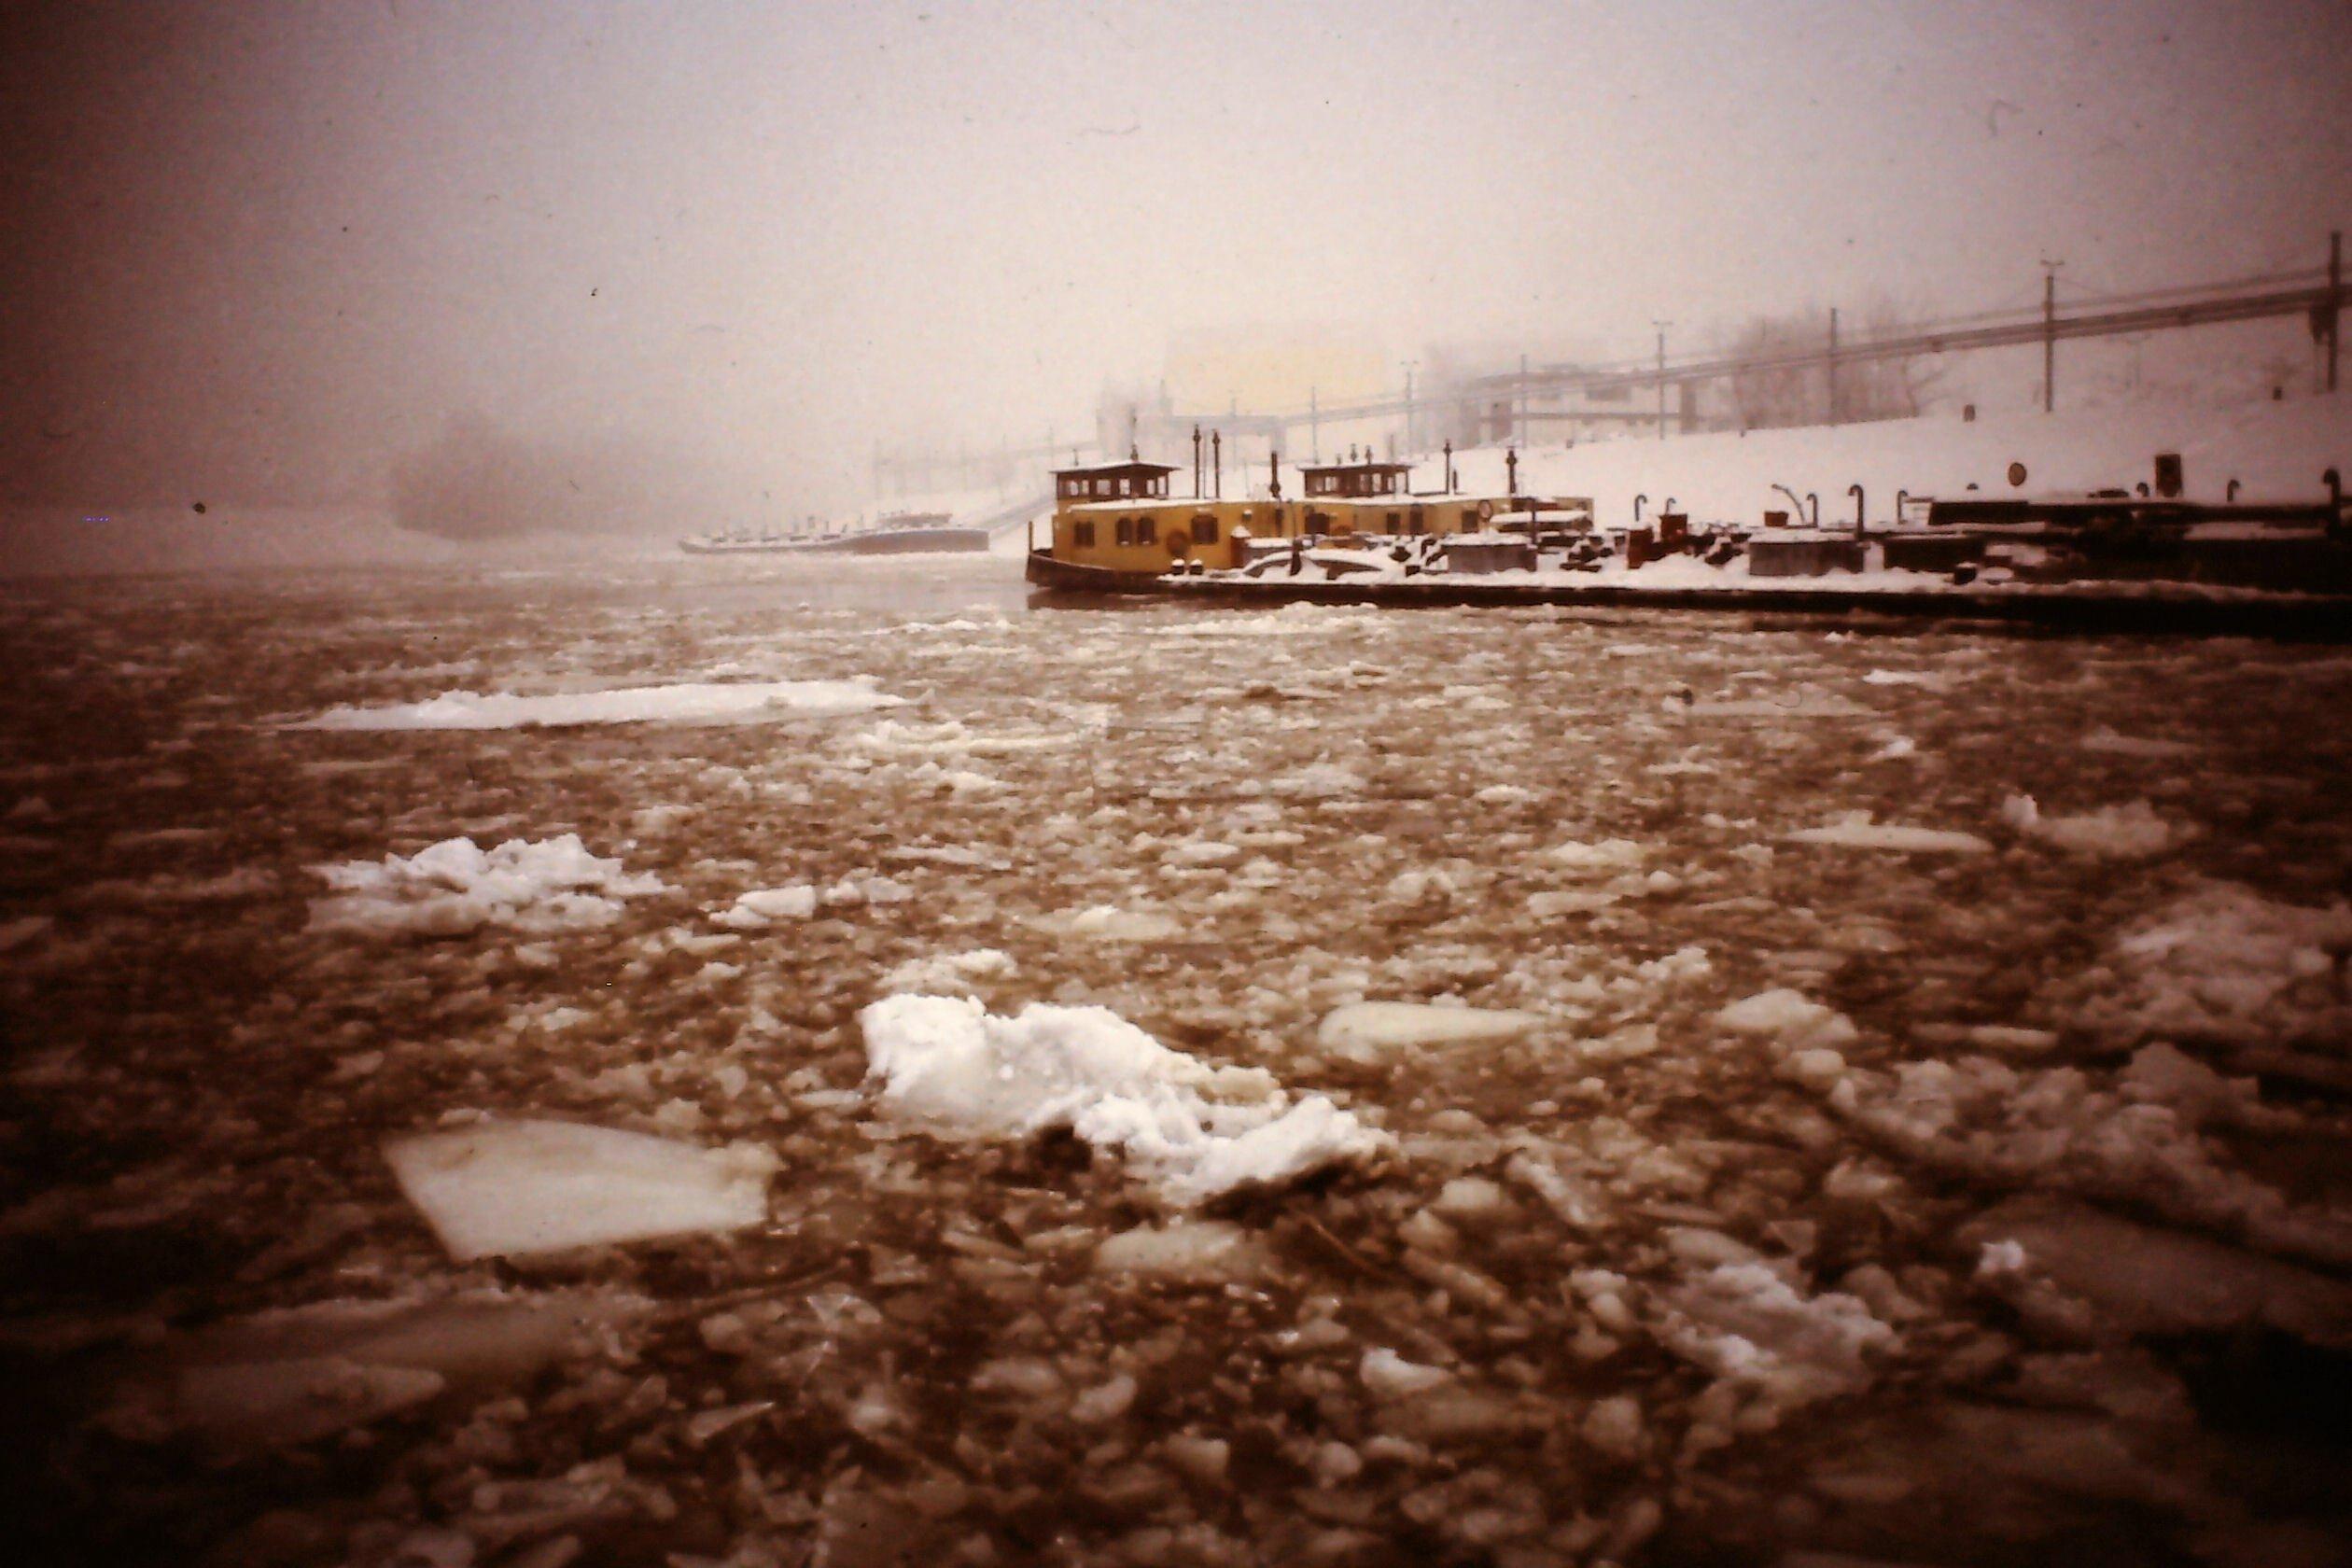 Frachtschiff im Hafen, auf dem Fluss treiben Eisschollen